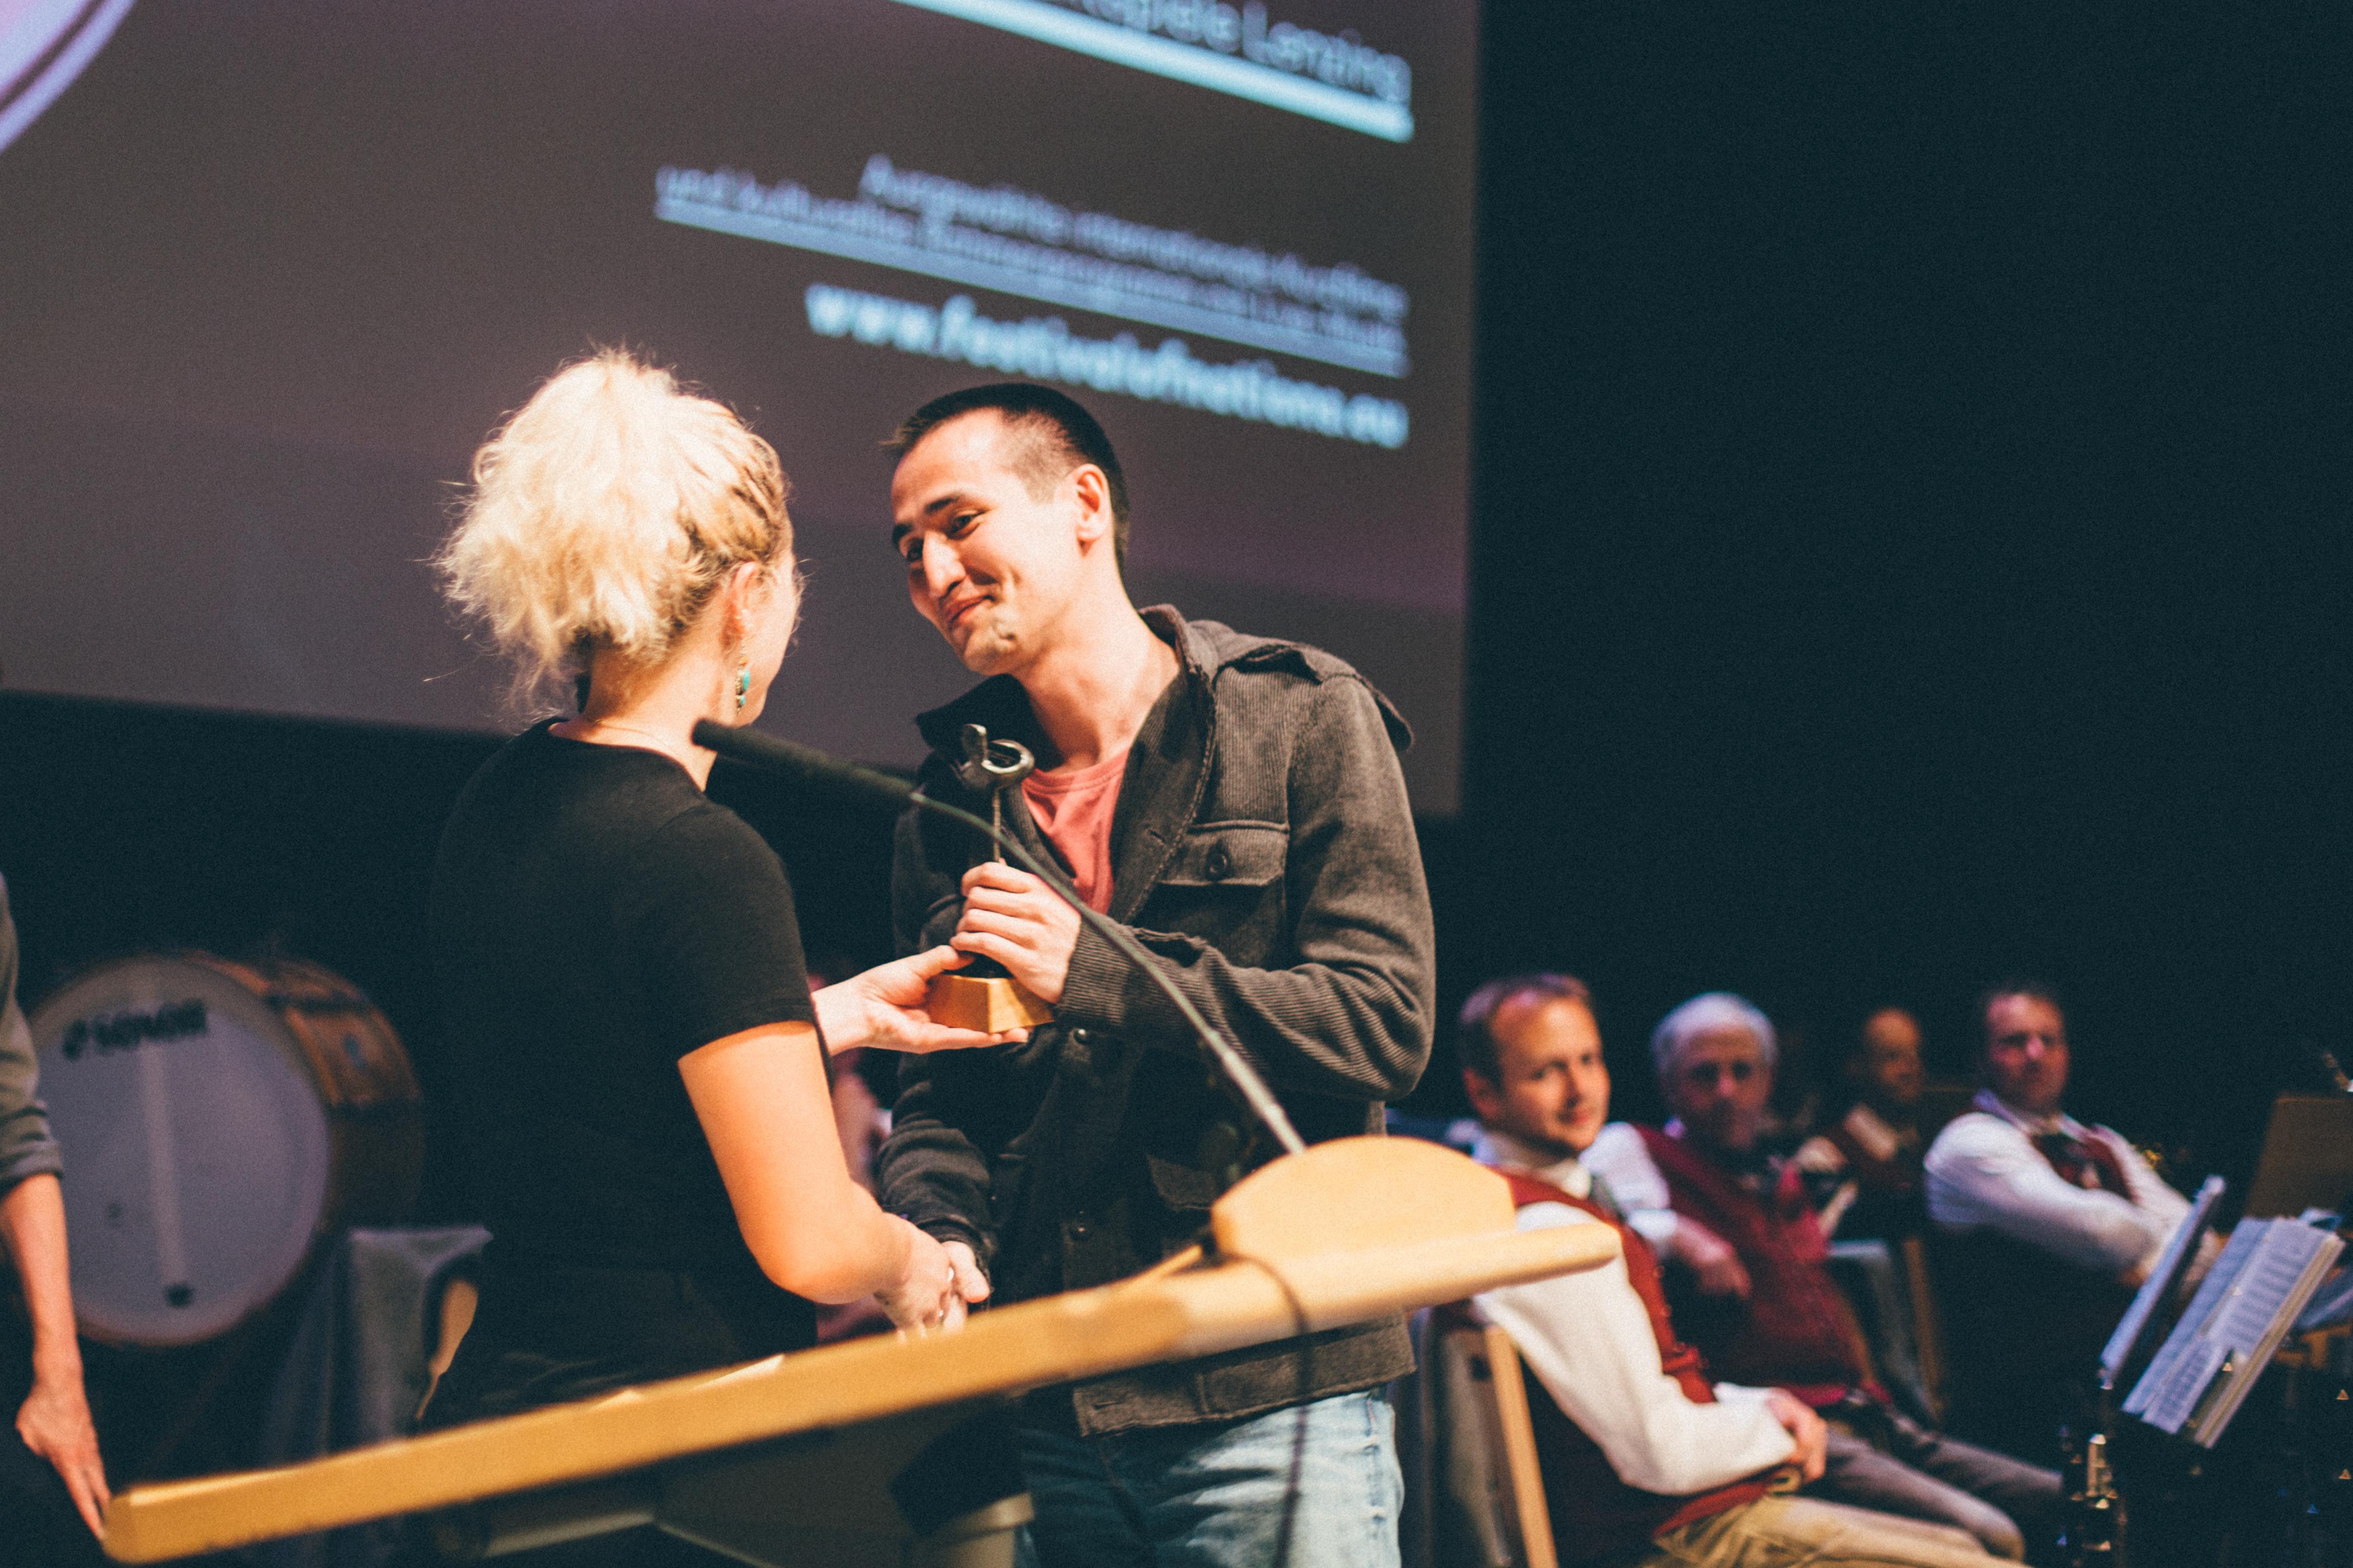 Қазақстандық режиссердің фильмі Австриядағы кинофестиваль жүлдесіне ие болды